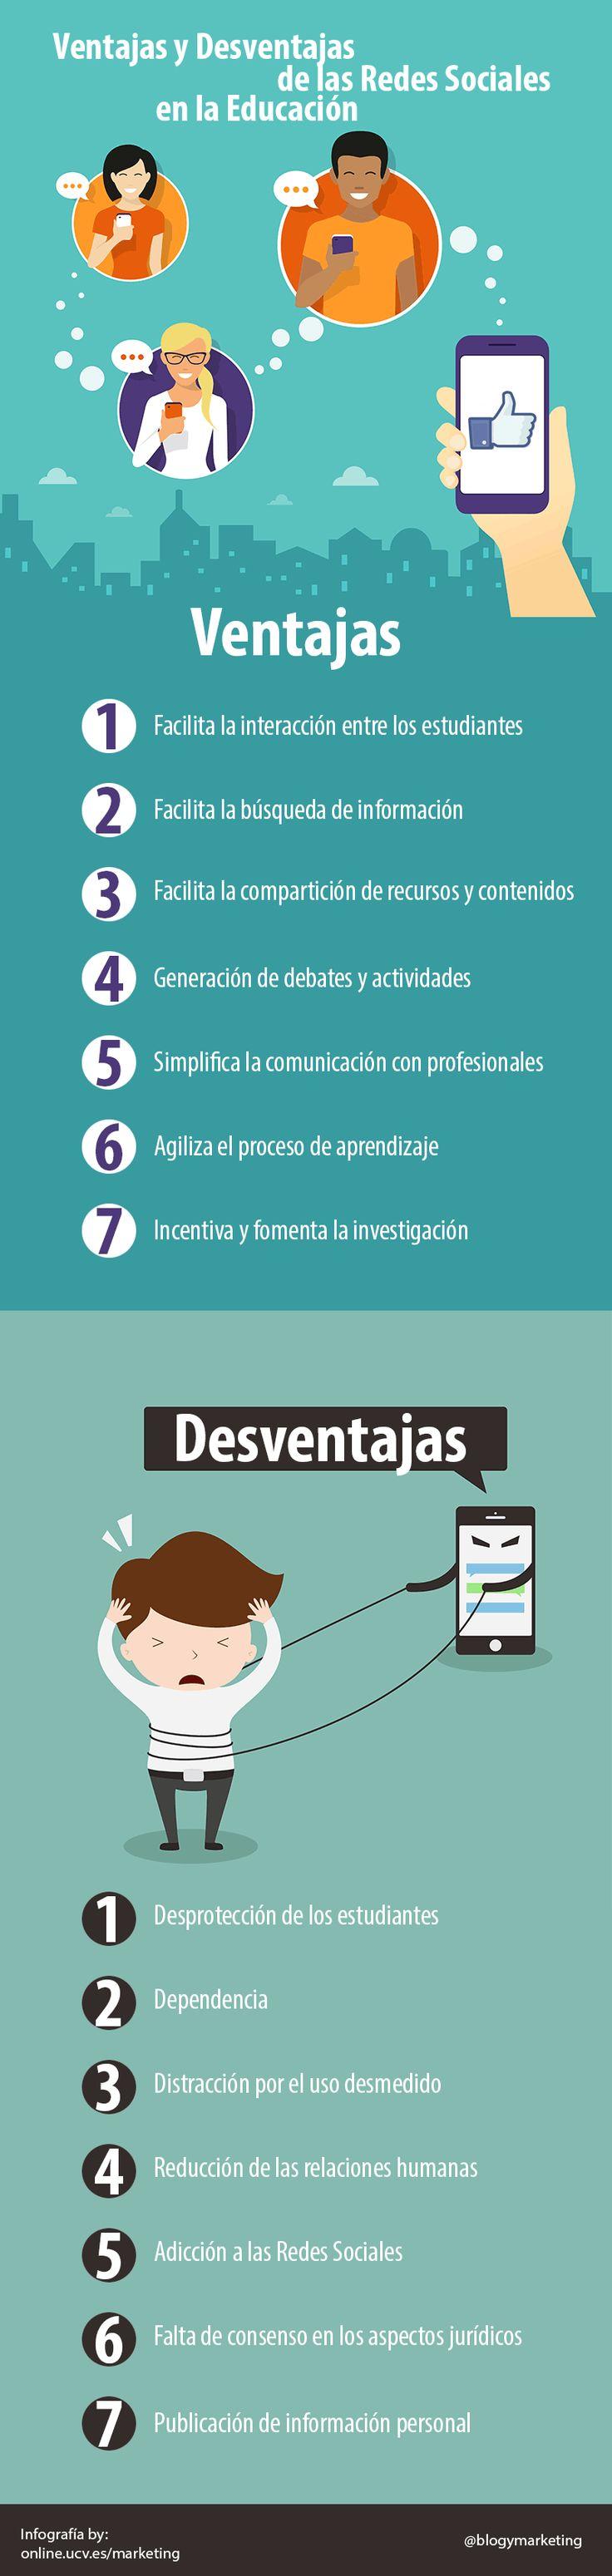 Ventajas y desventajas de las redes sociales en la educación. Infografía en español. #CommunityManager